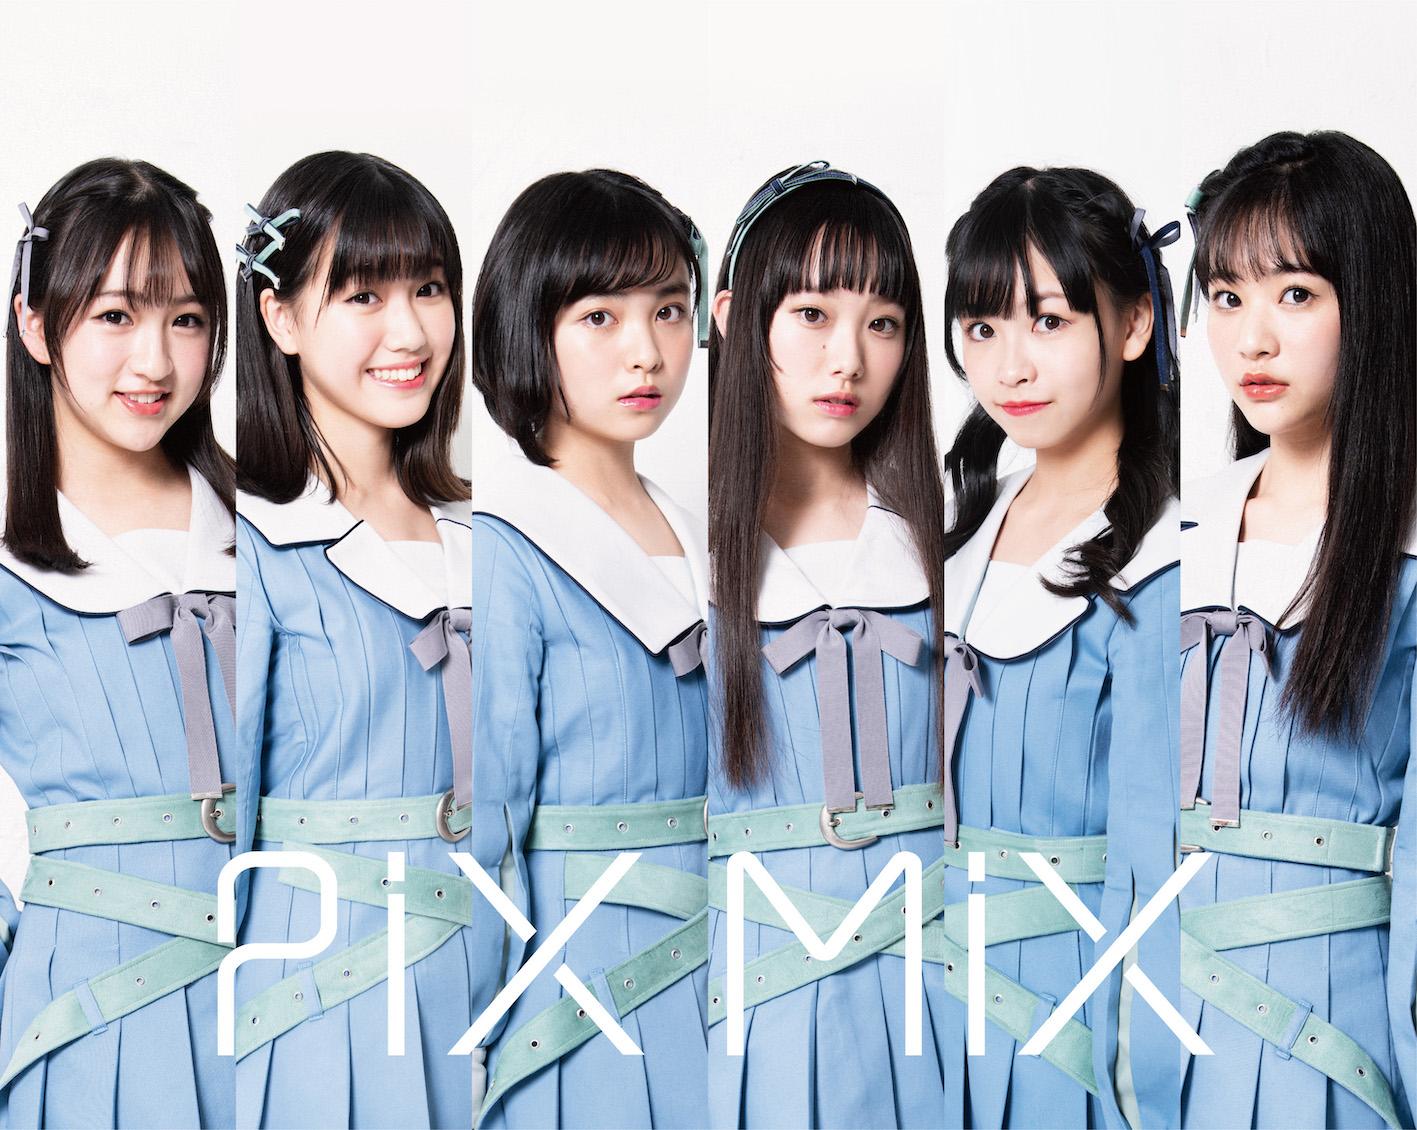 東京アイドル劇場アドバンス「PiXMiX公演」2019年01月27日